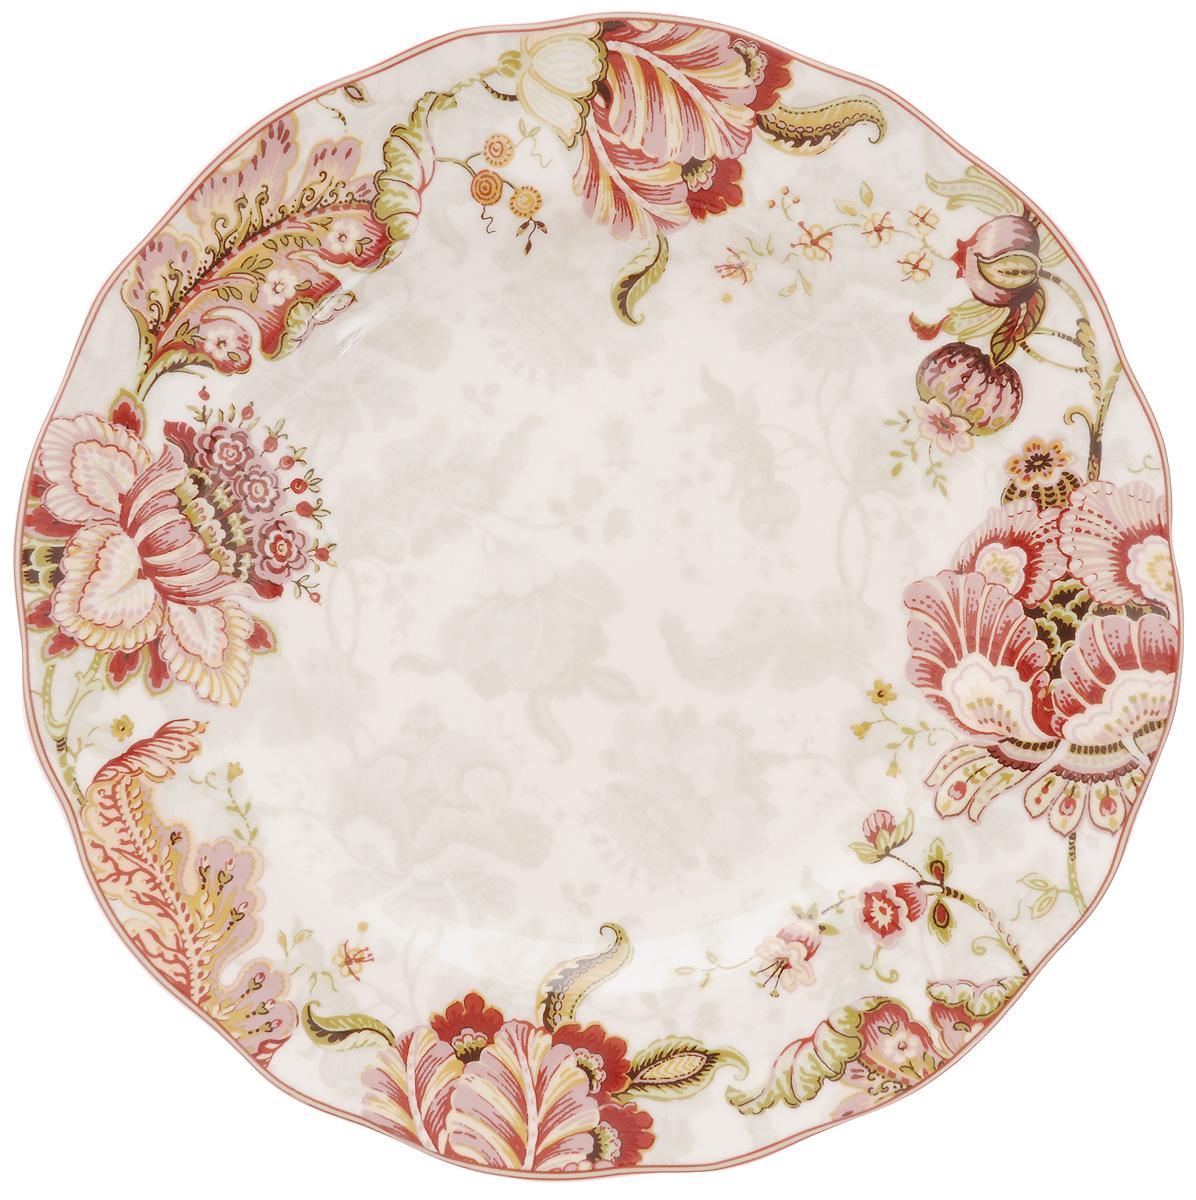 Тарелка обеденная Utana Габриэлла, диаметр 27,5 см54 009312Обеденная тарелка Utana Габриэлла изготовлена из высококачественной керамики. Многоступенчатый высокотемпературный обжиг, двухстороннее глазурование и использование подглазурных деколей обеспечивает прочность черепка керамической посуды, превращая его практически в камень, при этом защищая поверхность от царапин, а рисунок от истирания. Теплые краски глазури, плавные линии росписи, удобство, долговечность и безопасность, европейское качество и многовековая самобытность национального и культурного наследия индонезийских мастеров - вот то, что является отличительными признаками керамической посуды Utana. Любая коллекция этого производителя создает праздничное настроение и уют в каждом доме. Посуда из керамики, имеющая знак 222 FIFHT, - особая линия посуды, очень популярная в Европе и США, каждый дизайн которой уникален и спустя годы будет так же великолепно свеж и привлекателен. Посуду можно использовать в СВЧ и мыть в посудомоечных машинах.